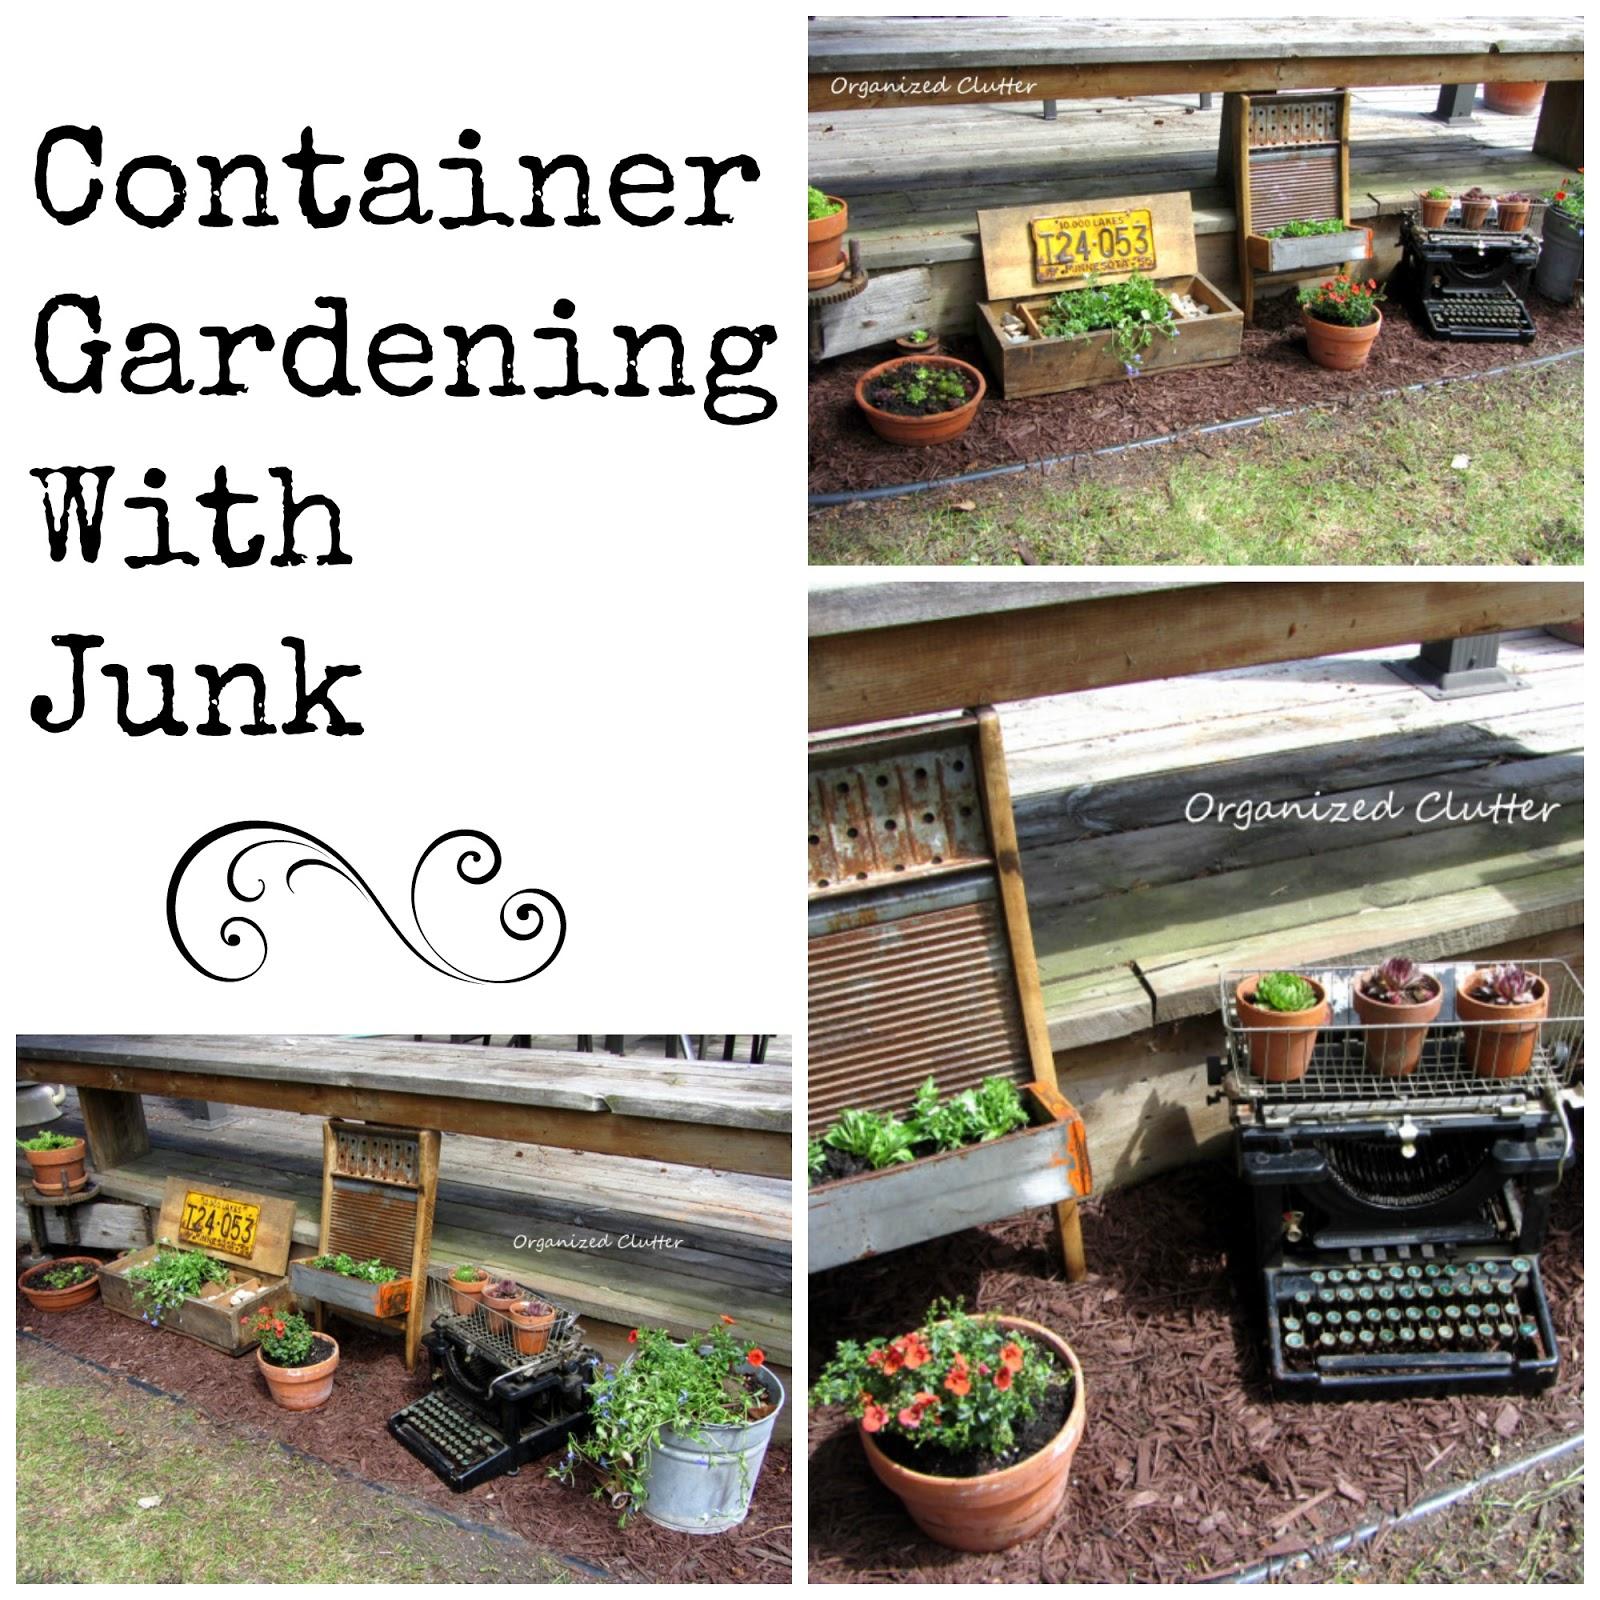 Junk Gardening www.organizedclutterqueen.blogspot.com